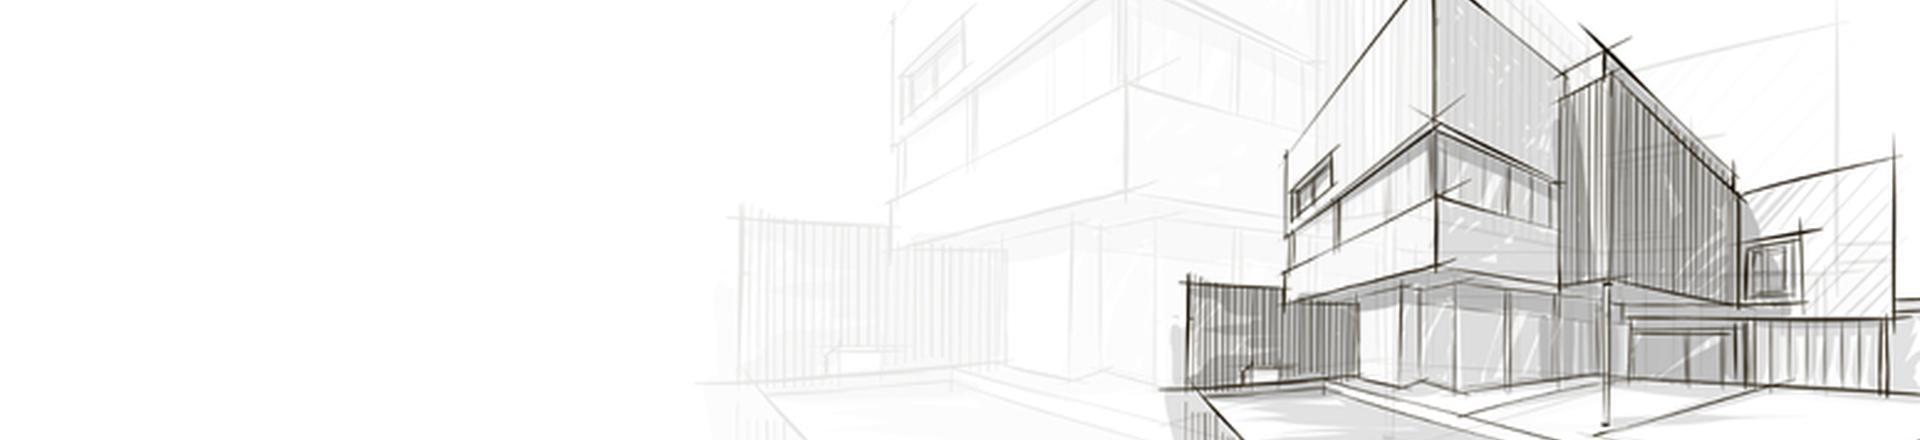 Komercjalizacja powierzchni biurowych